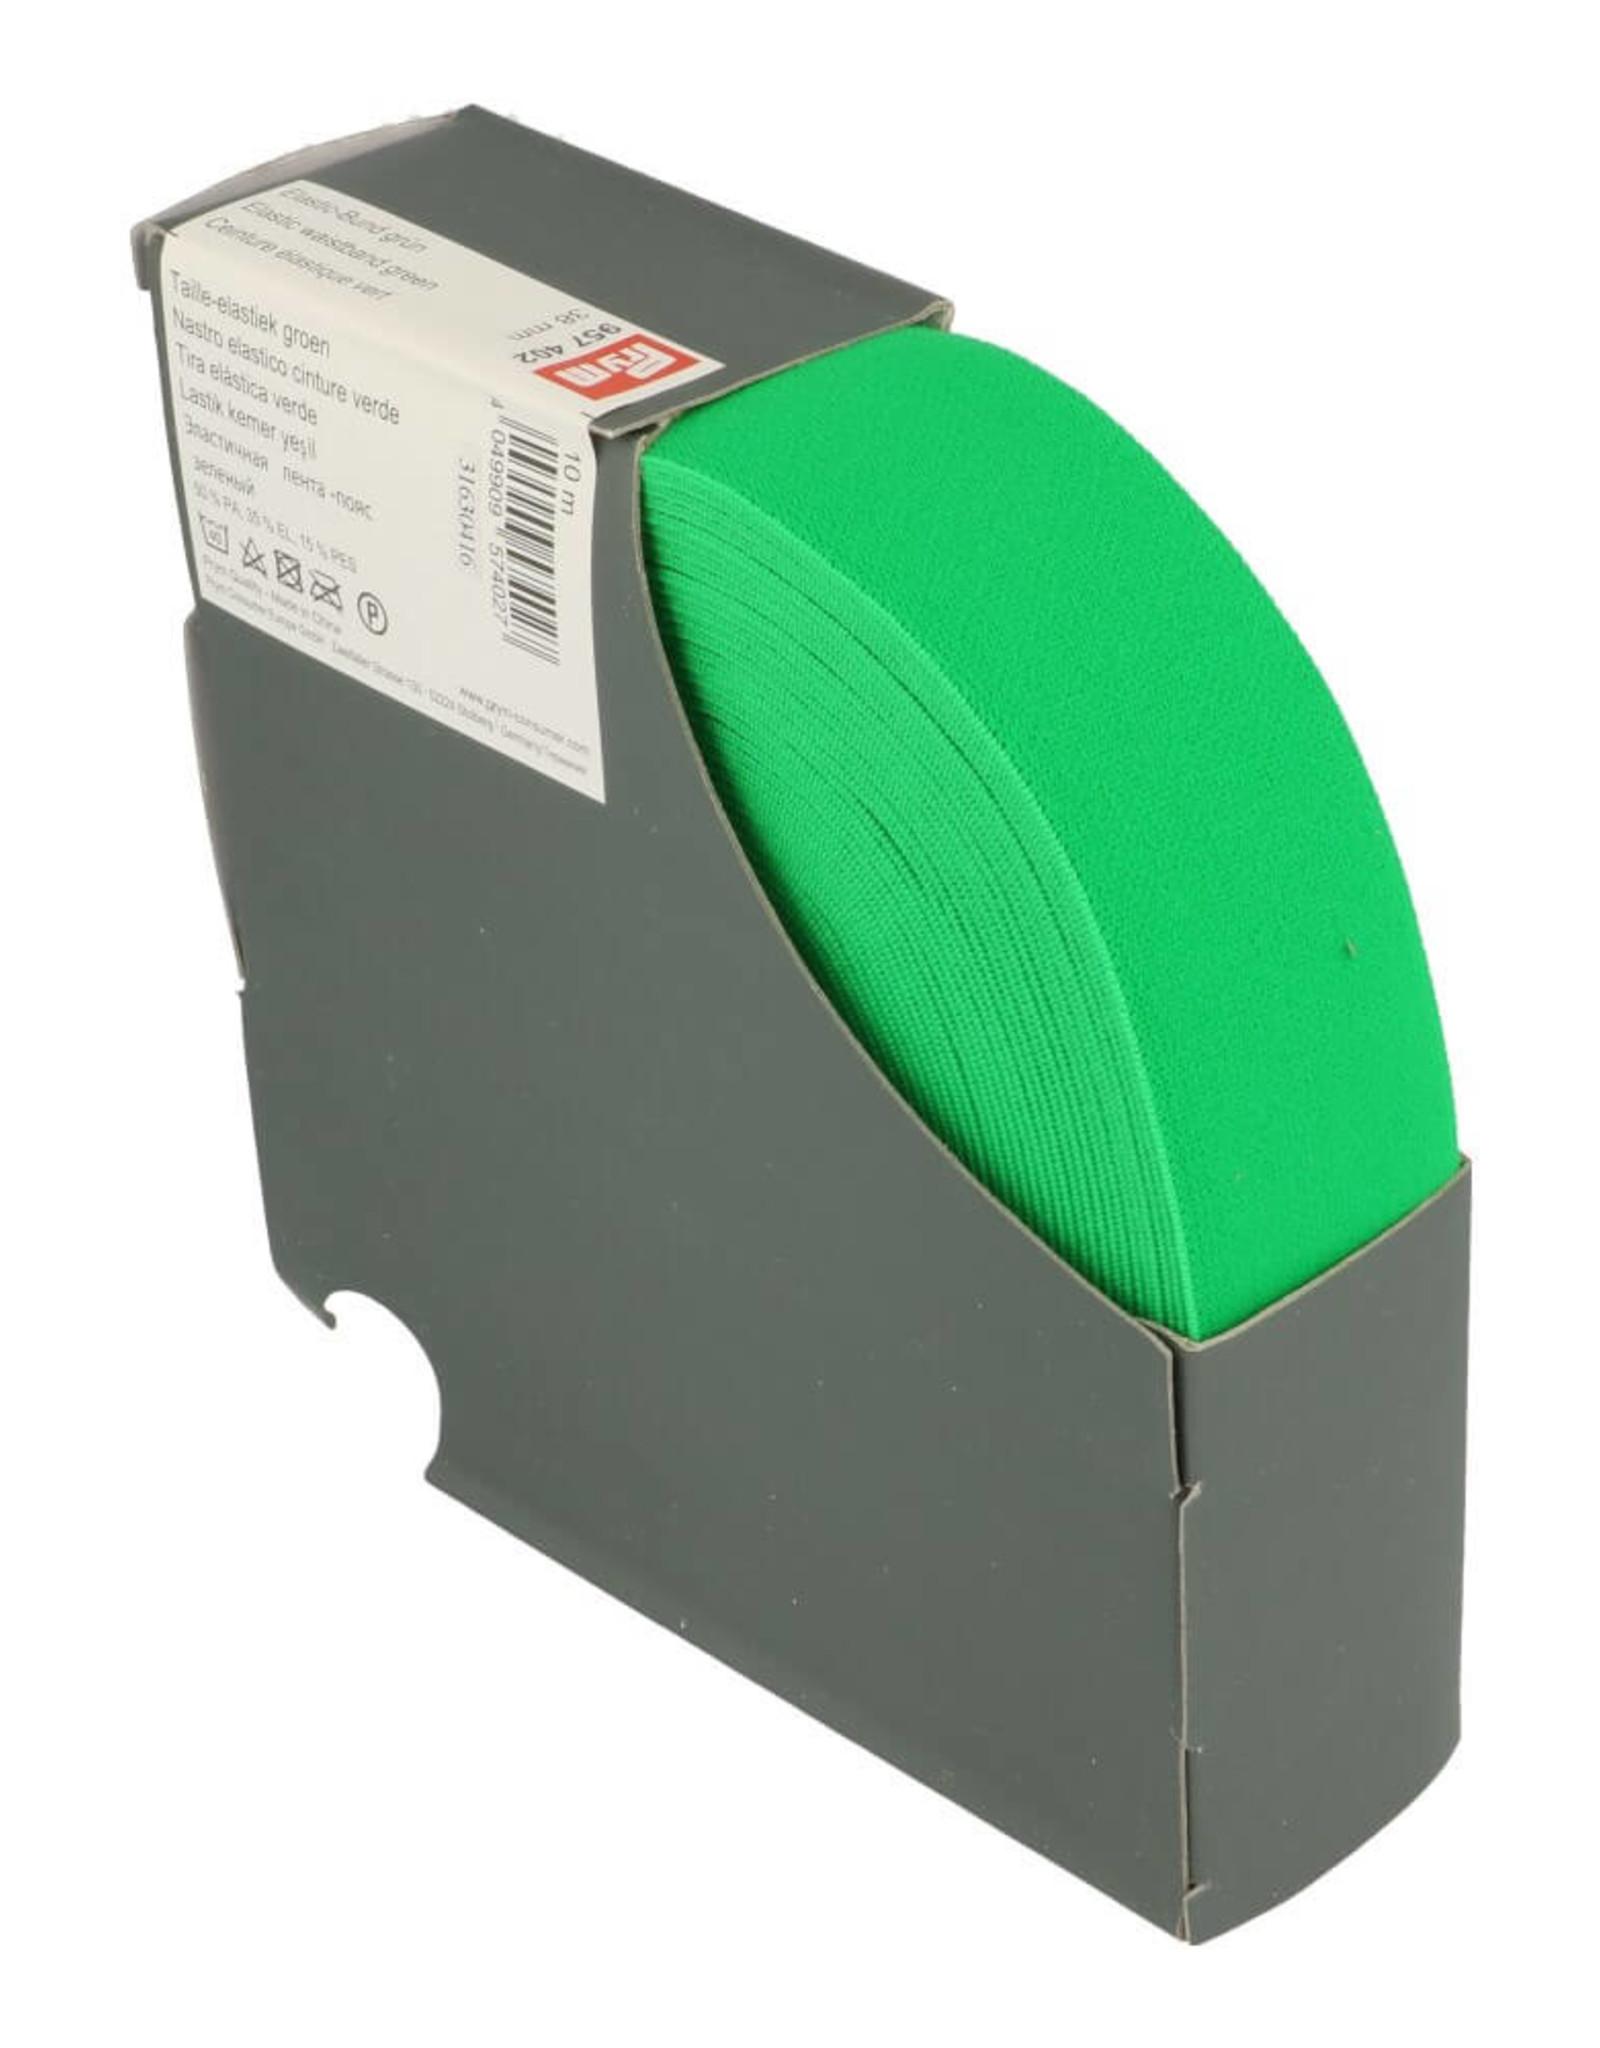 Prym Taille elastiek groen 38mm